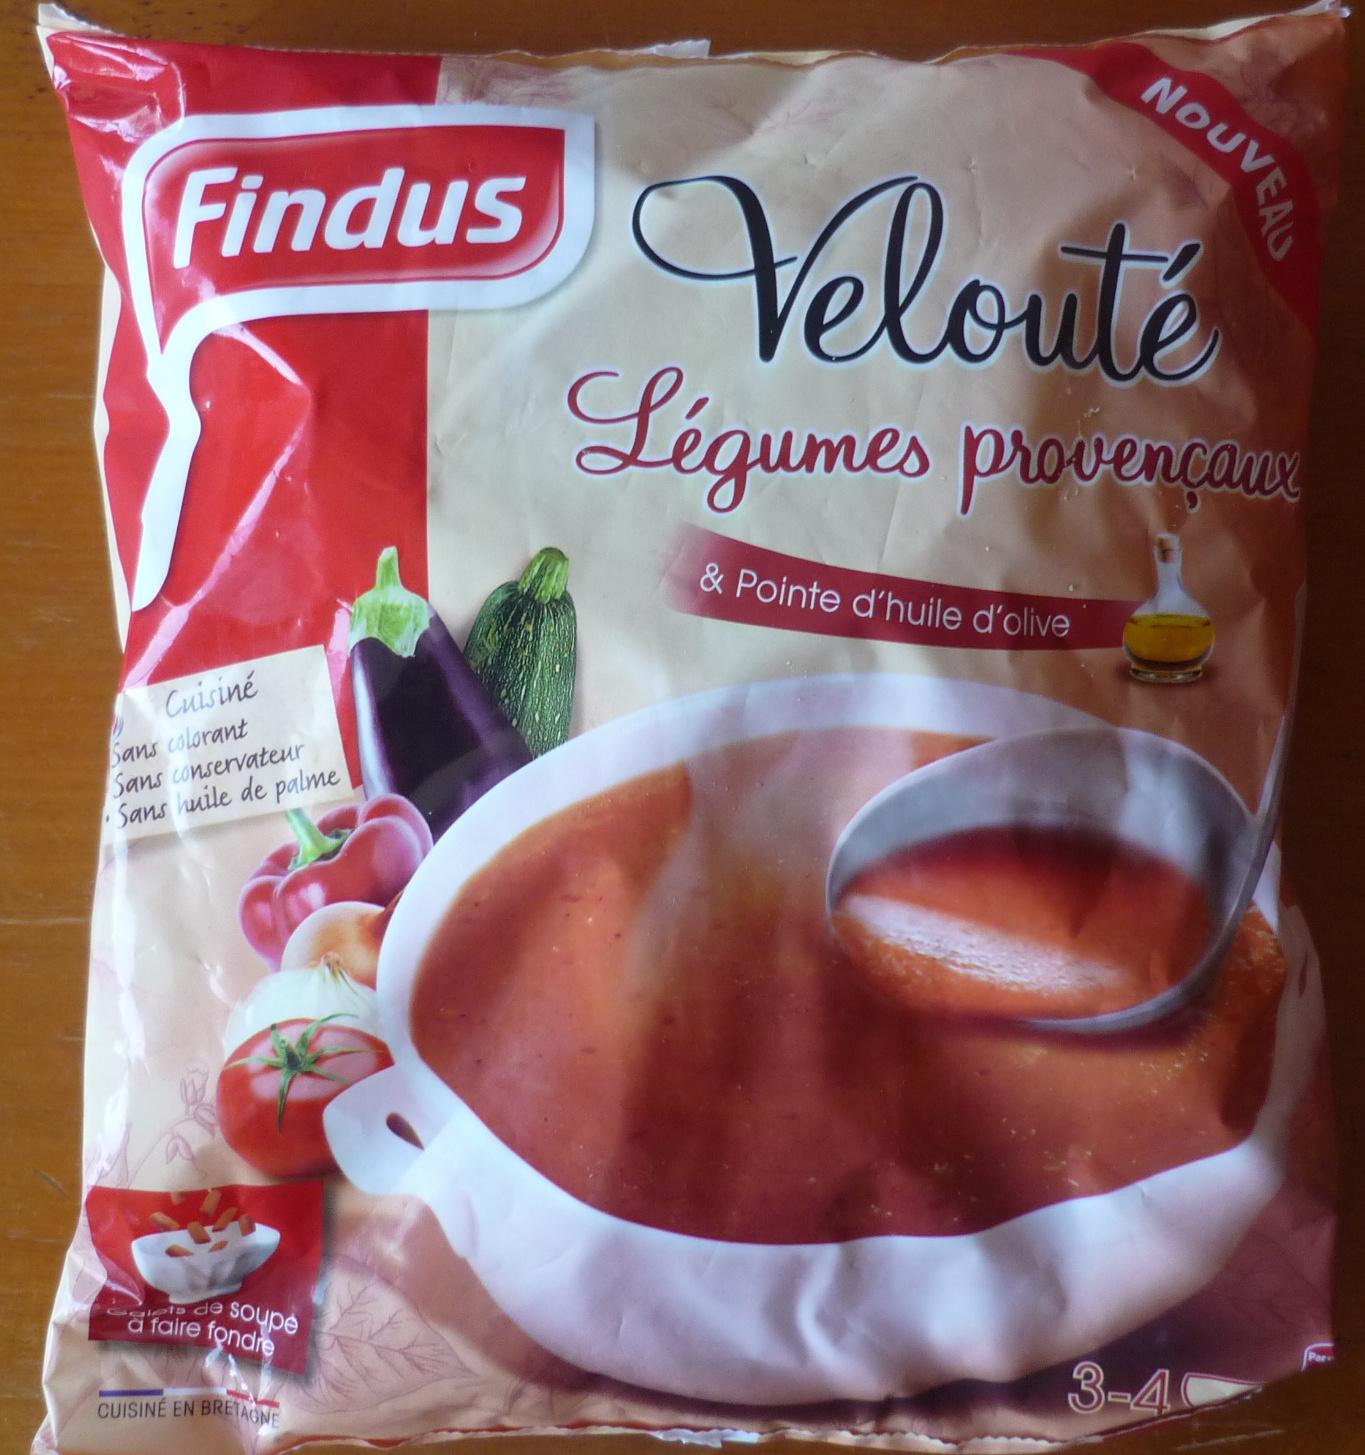 Velouté légumes provençaux - Product